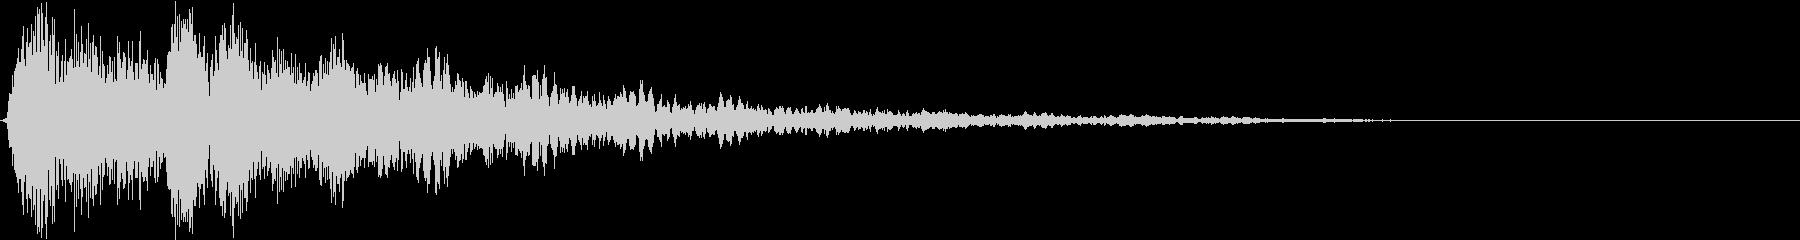 テロップ紹介(ピアノとシンセ:バン)3の未再生の波形